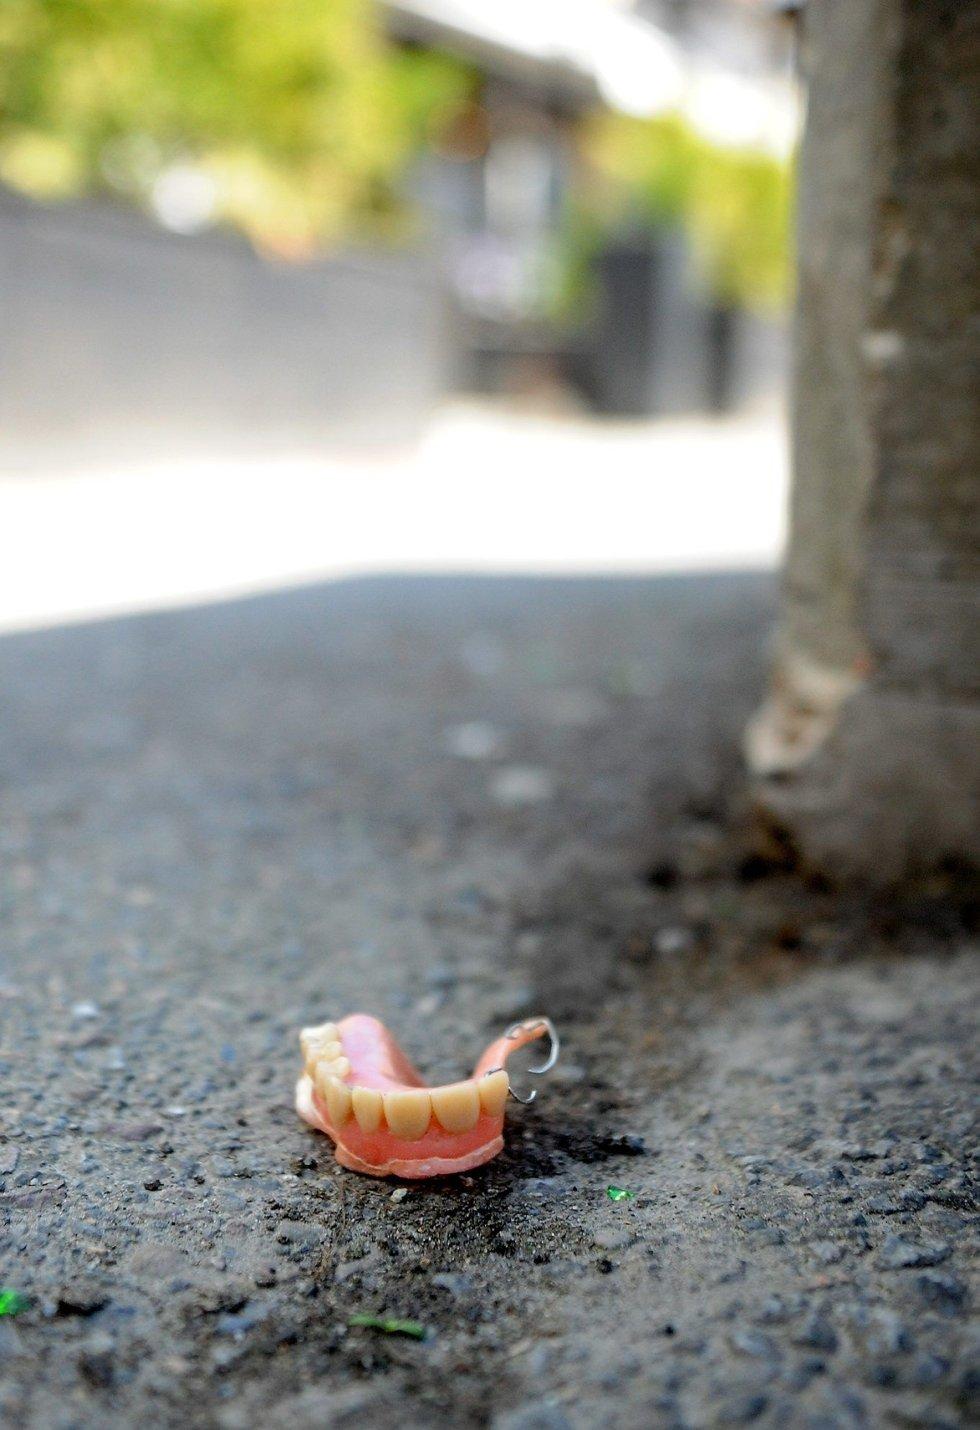 Akkurat slik lå gebisset som Johnny Peeters fant på Aagaards plass. FOTO: ANDERS MEHLUM HASLE